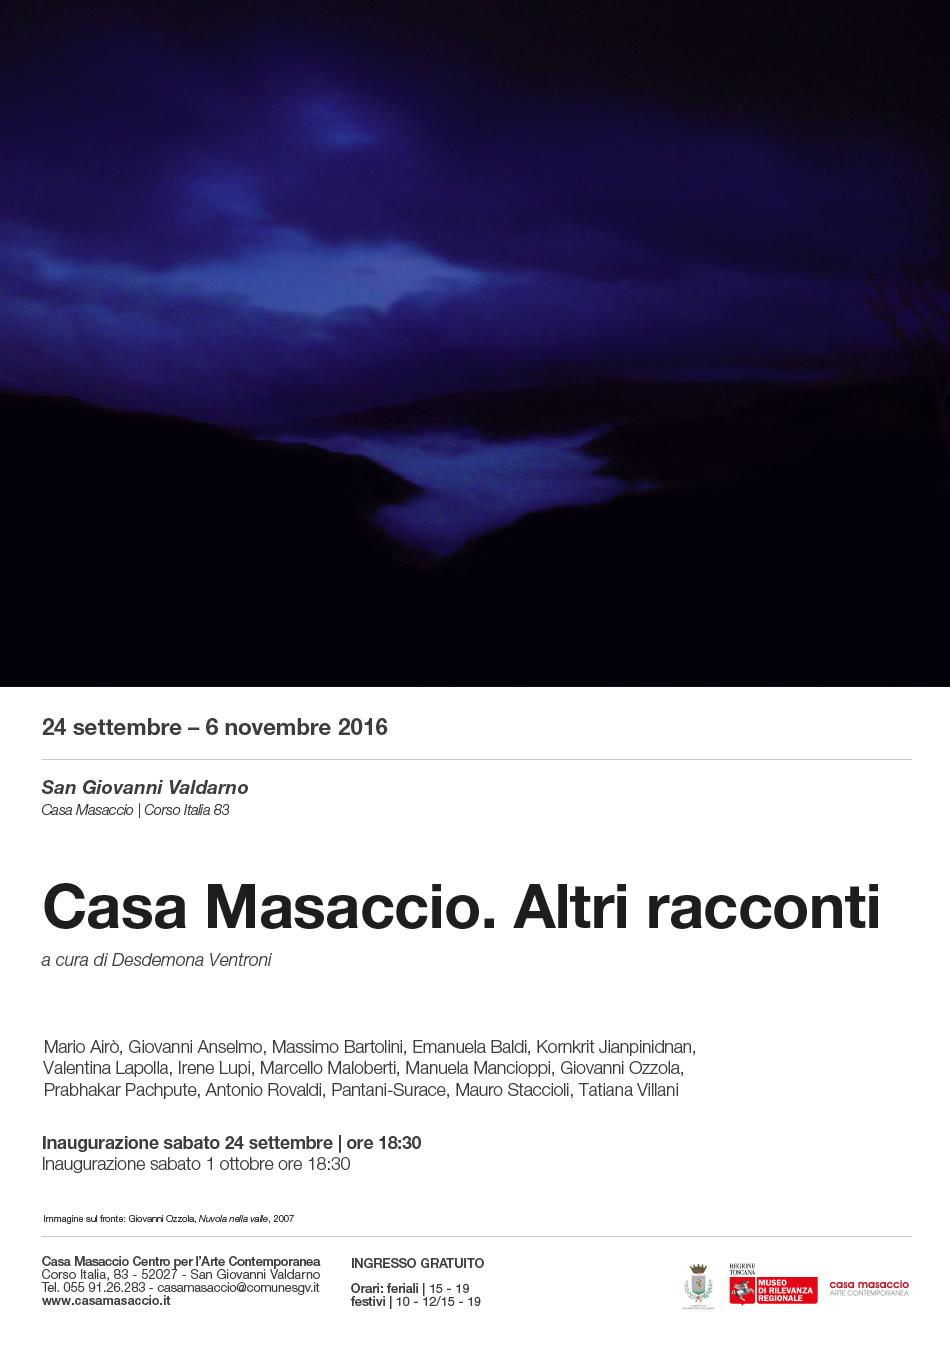 GiovanniOzzola, Nuvola nella valle, 2007